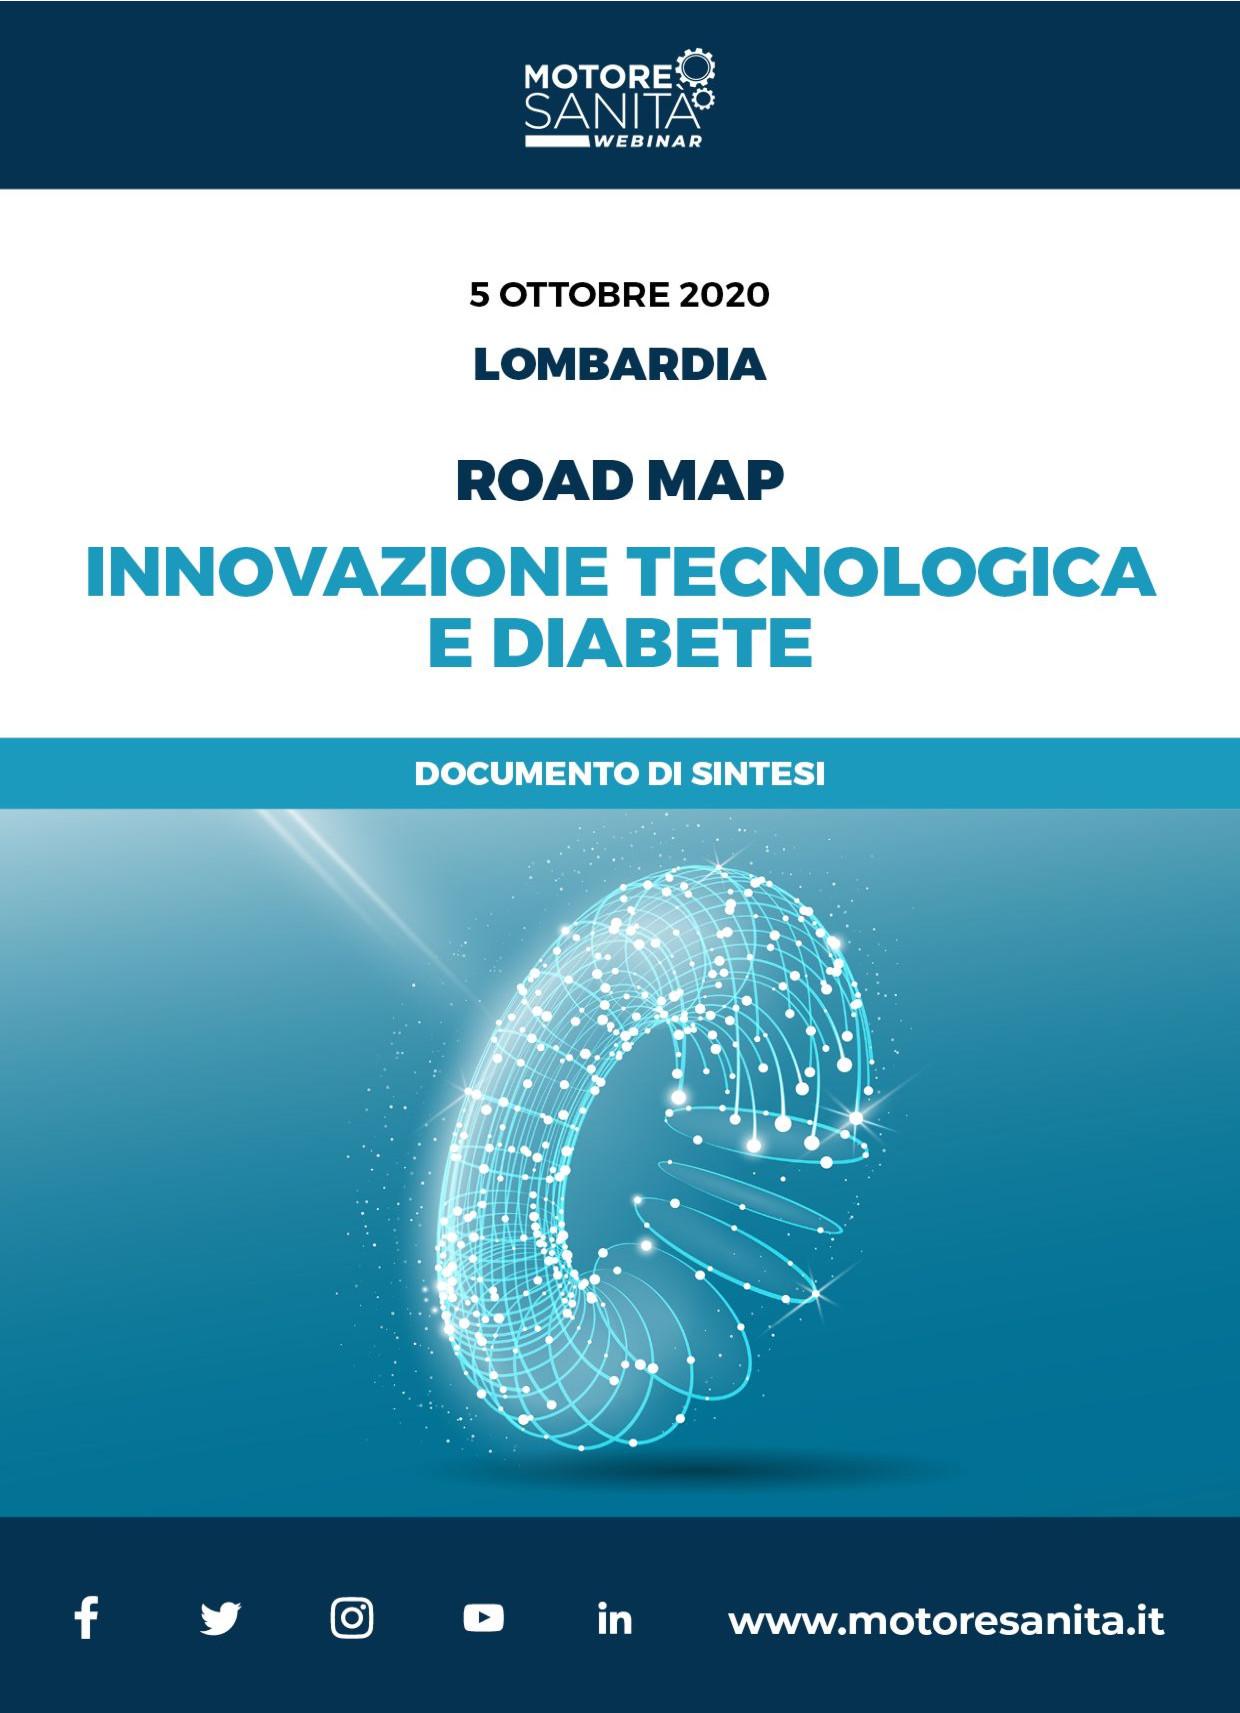 Innovazione Tecnologica e Diabete – Documento di Sintesi